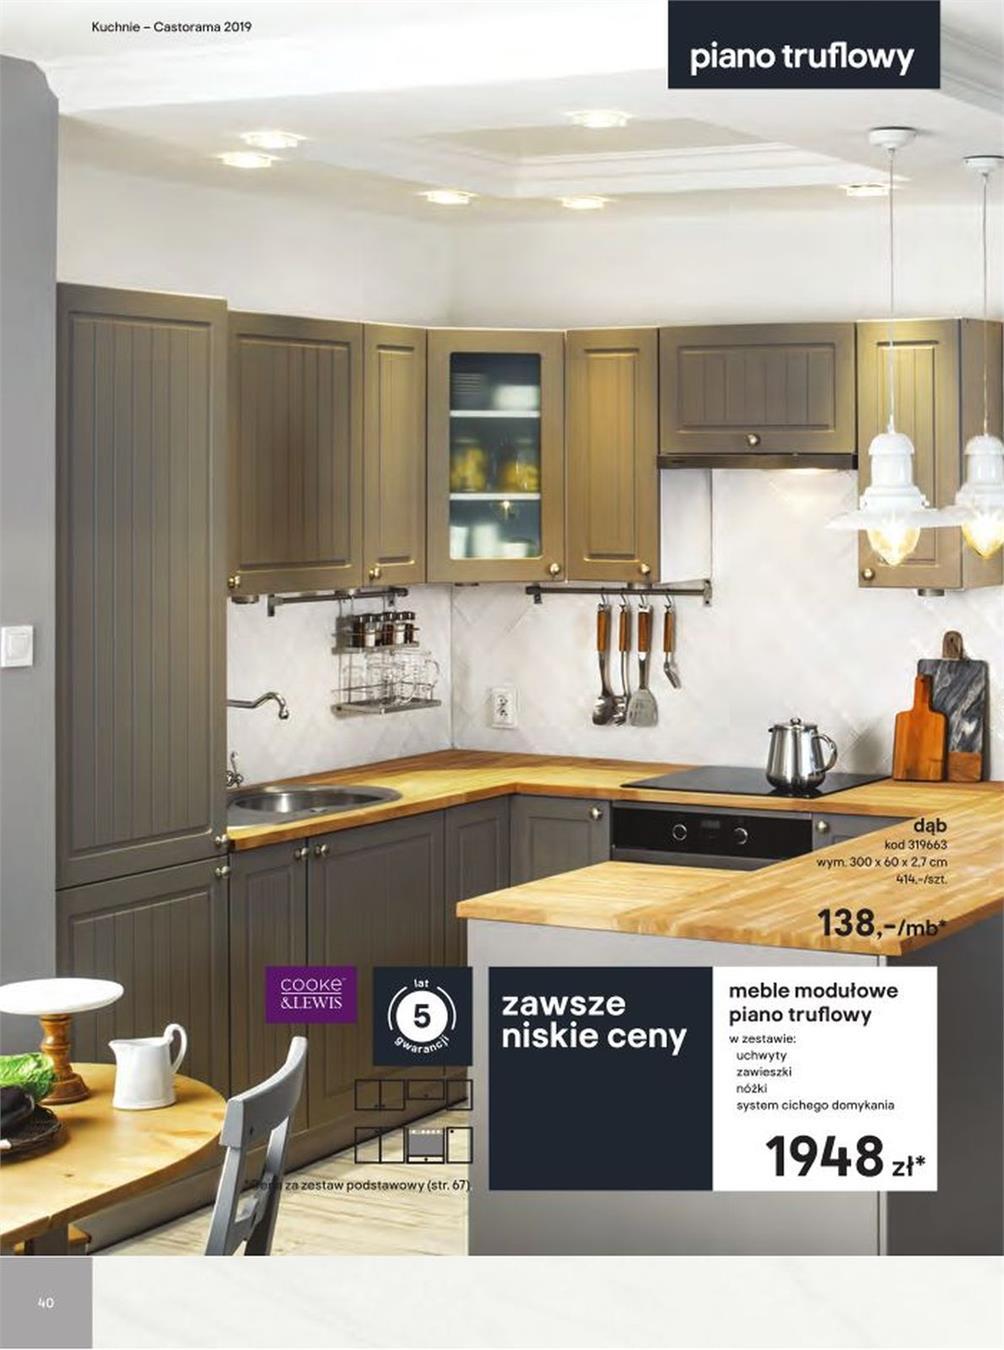 Gazetka Promocyjna Castoramapl Katalog Kuchnie 2019